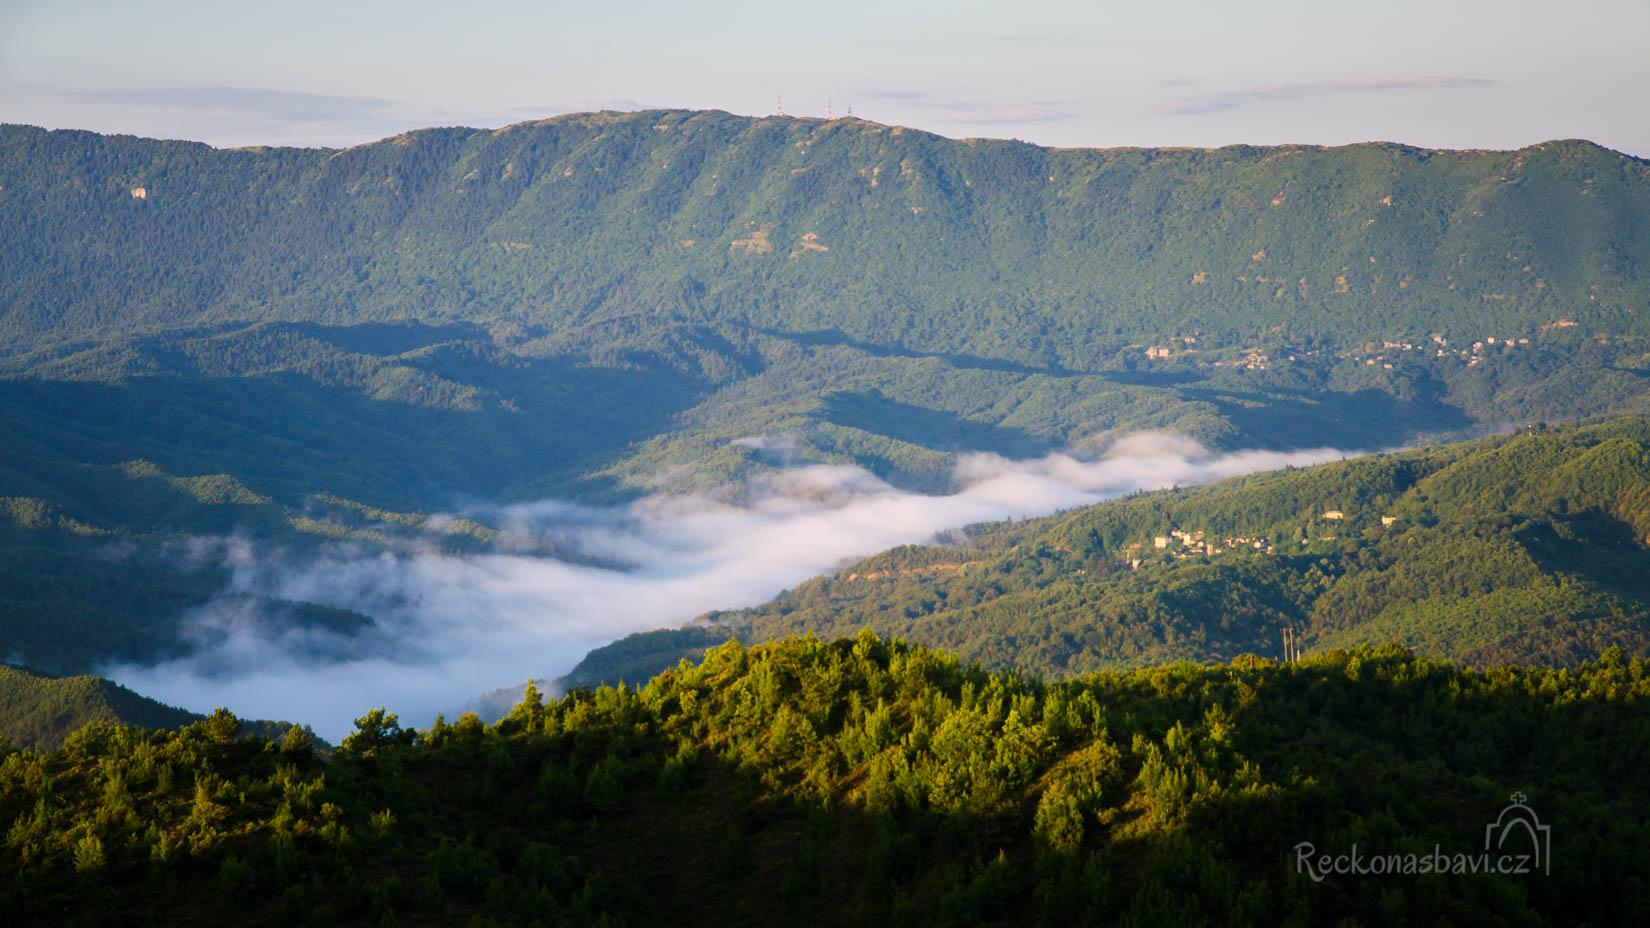 ranní mlhy - to vám byla krása